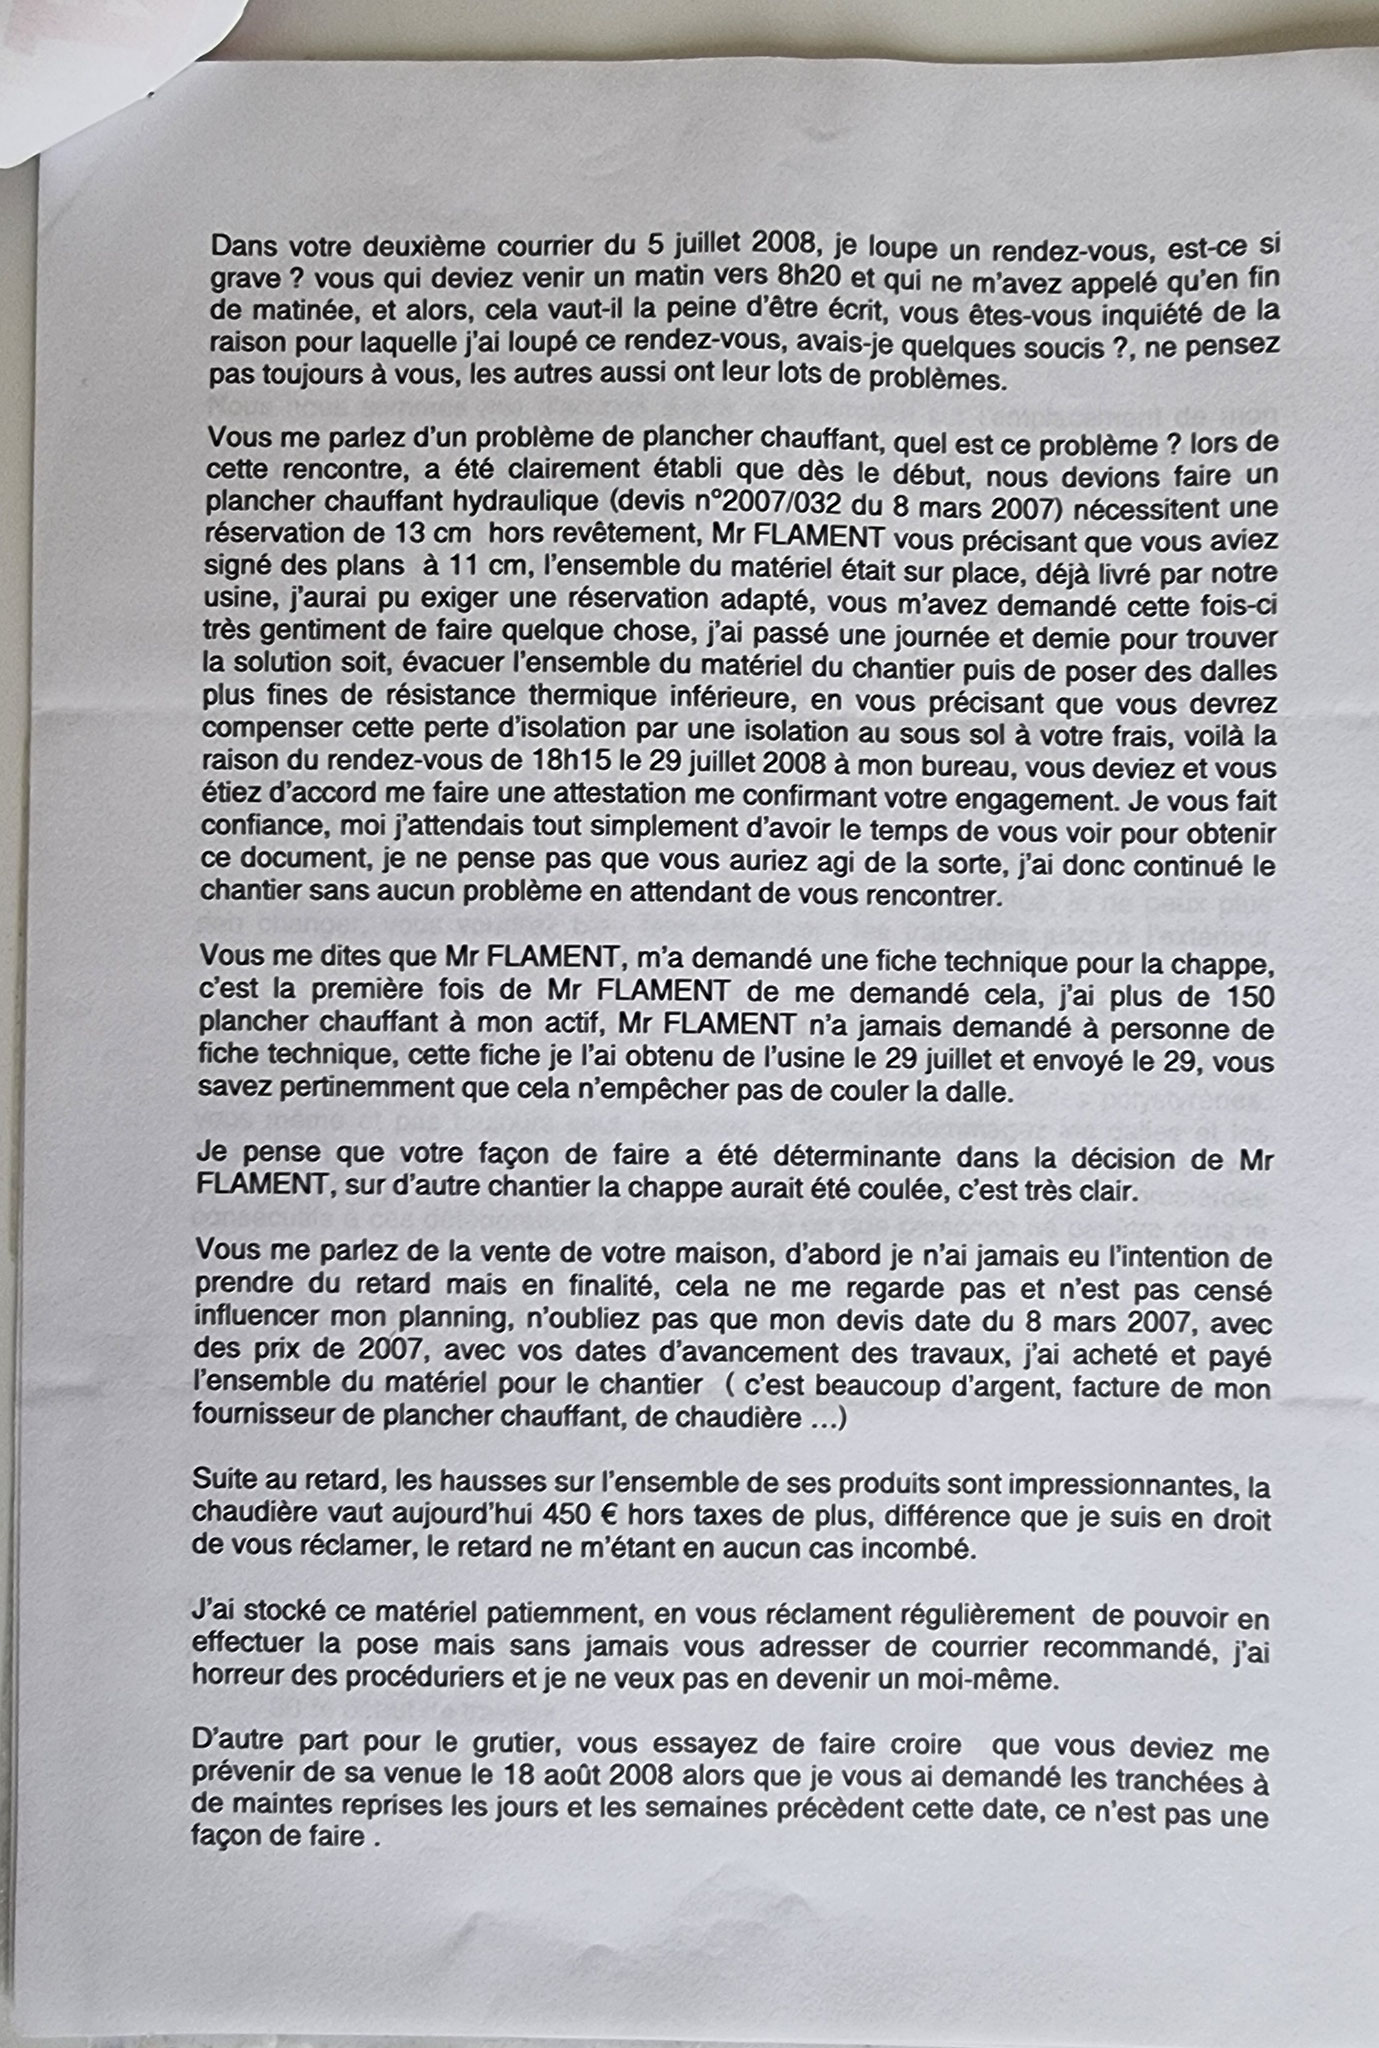 Monsieur Alain ALLIOT nous a adressé en date du 20 Août 2008 une lettre recommandée N0 1A 020 760 5323 2 soit quatre pages CALONMIEUSES et CHOQUANTES www.jenesuispasunchien.fr www.jesuisvictime.fr www.jesuispatrick.fr JUSTICE DEVRA NOUS ÊTRE RENDUE..